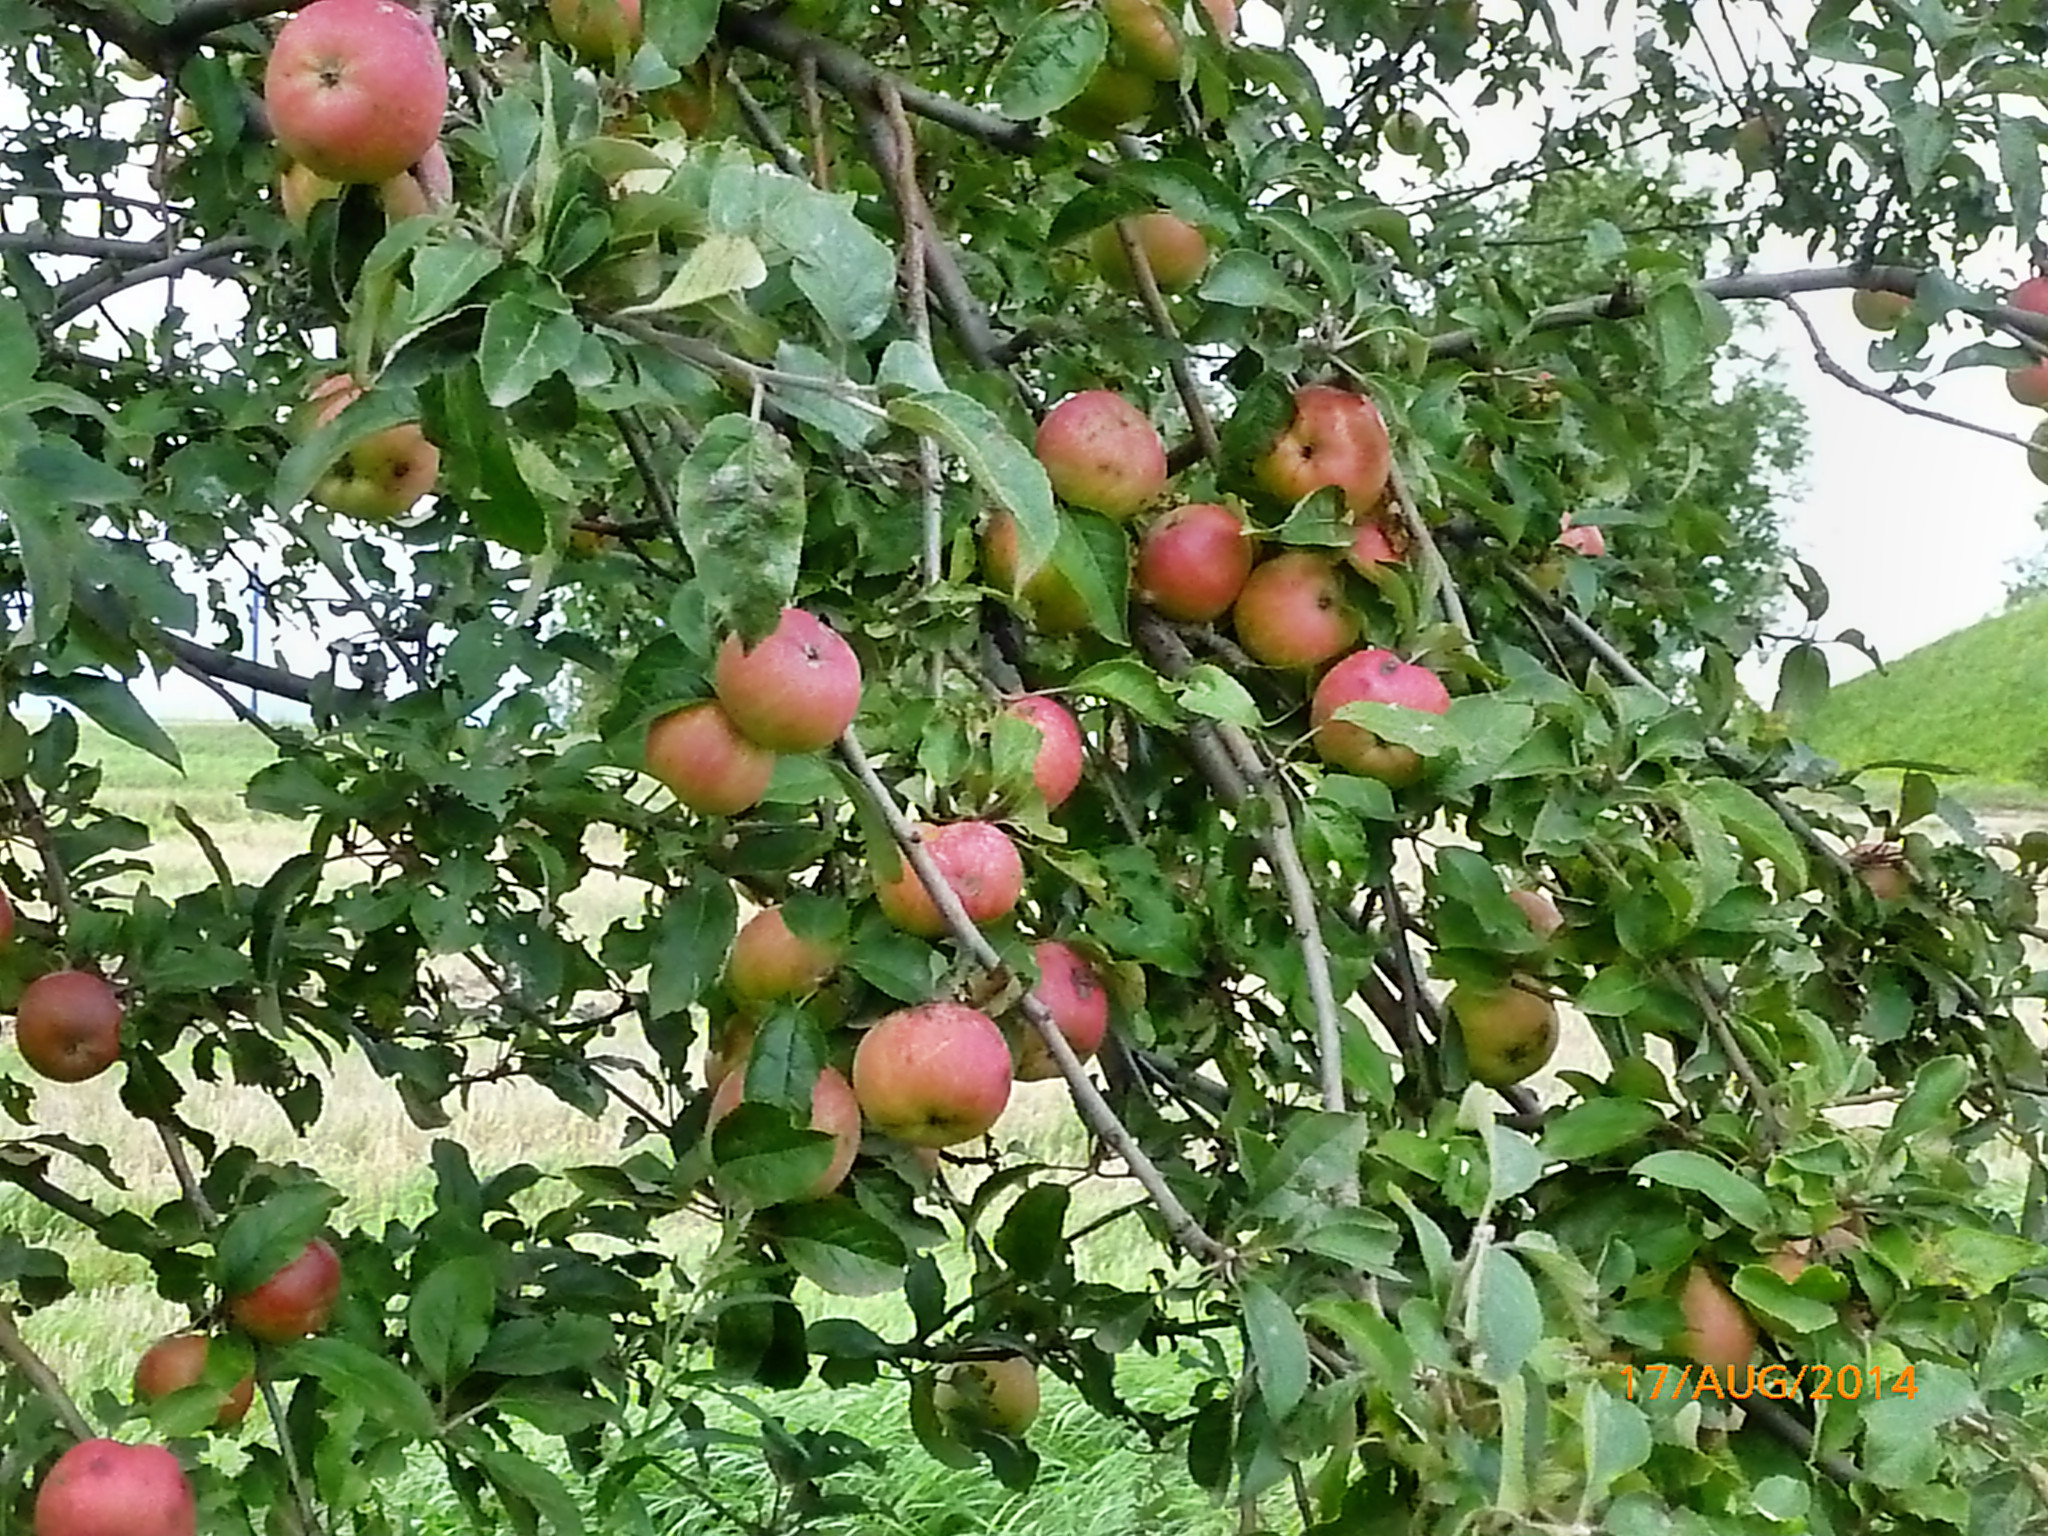 Obst vom Wegesrand-17.8.14   (19)